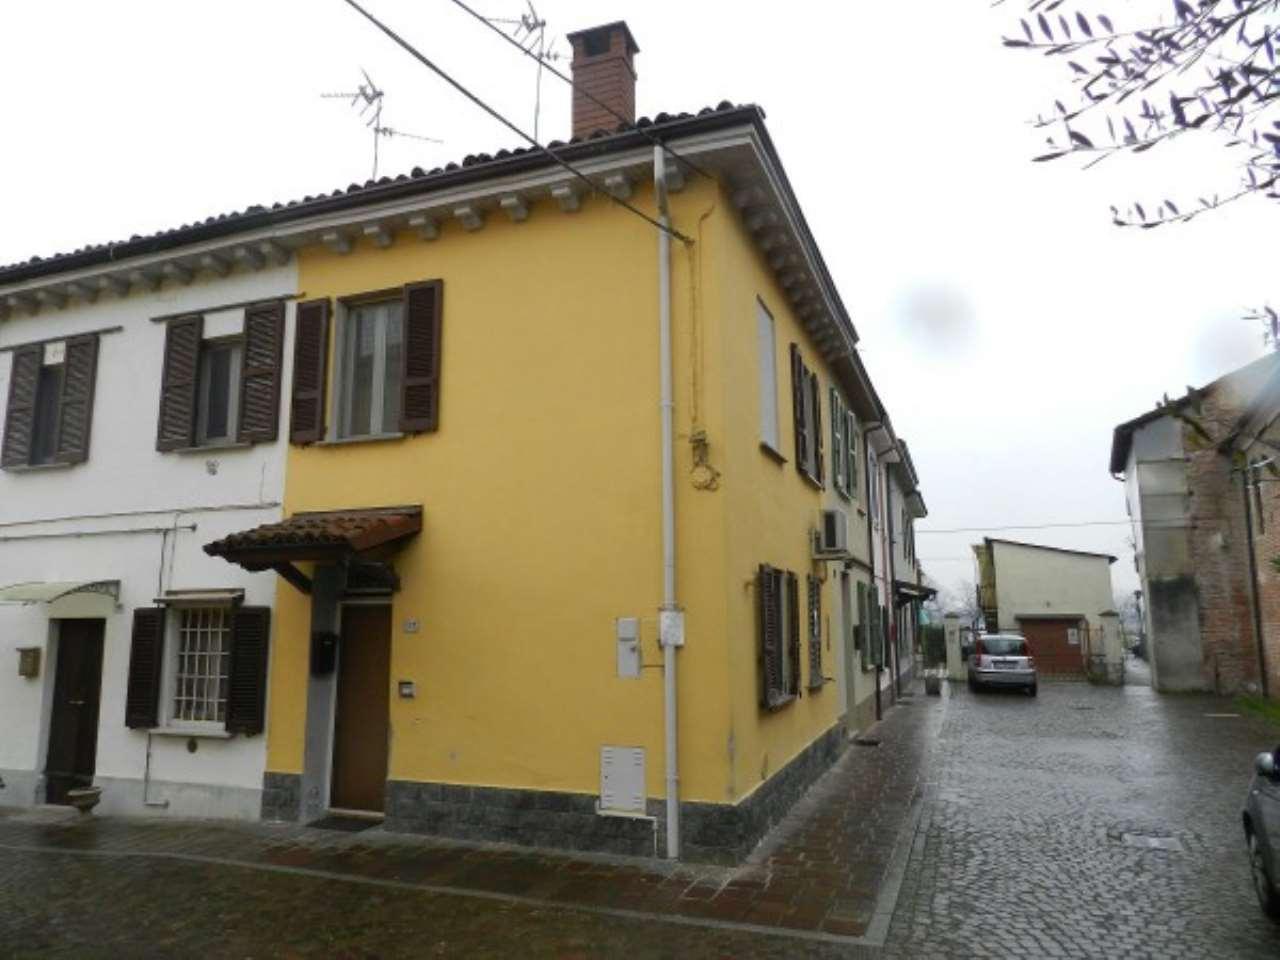 Soluzione Semindipendente in vendita a San Martino Siccomario, 2 locali, prezzo € 90.000 | CambioCasa.it